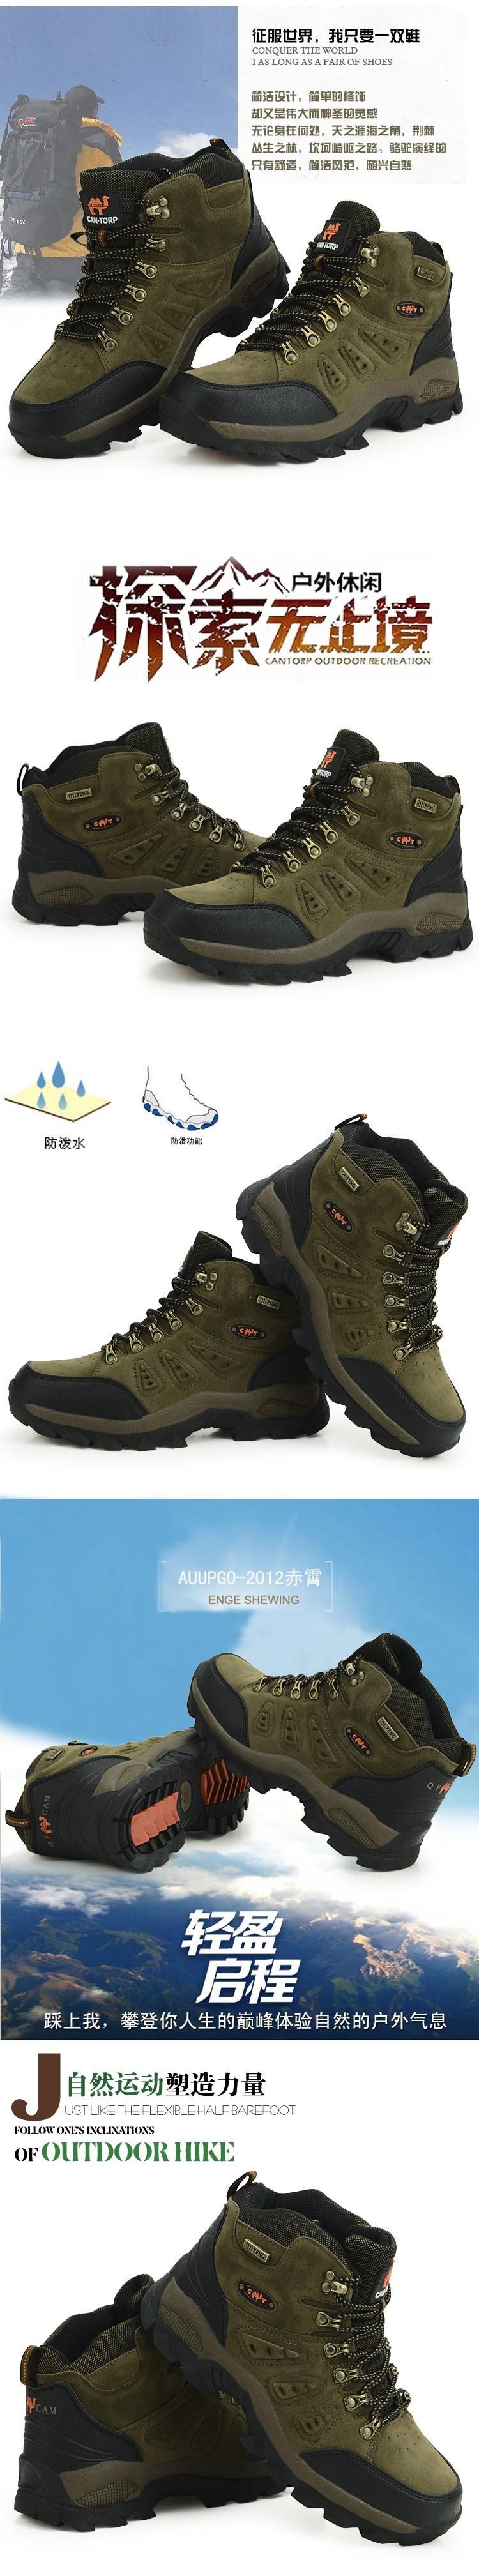 hiking shoes hs34d90 (2)